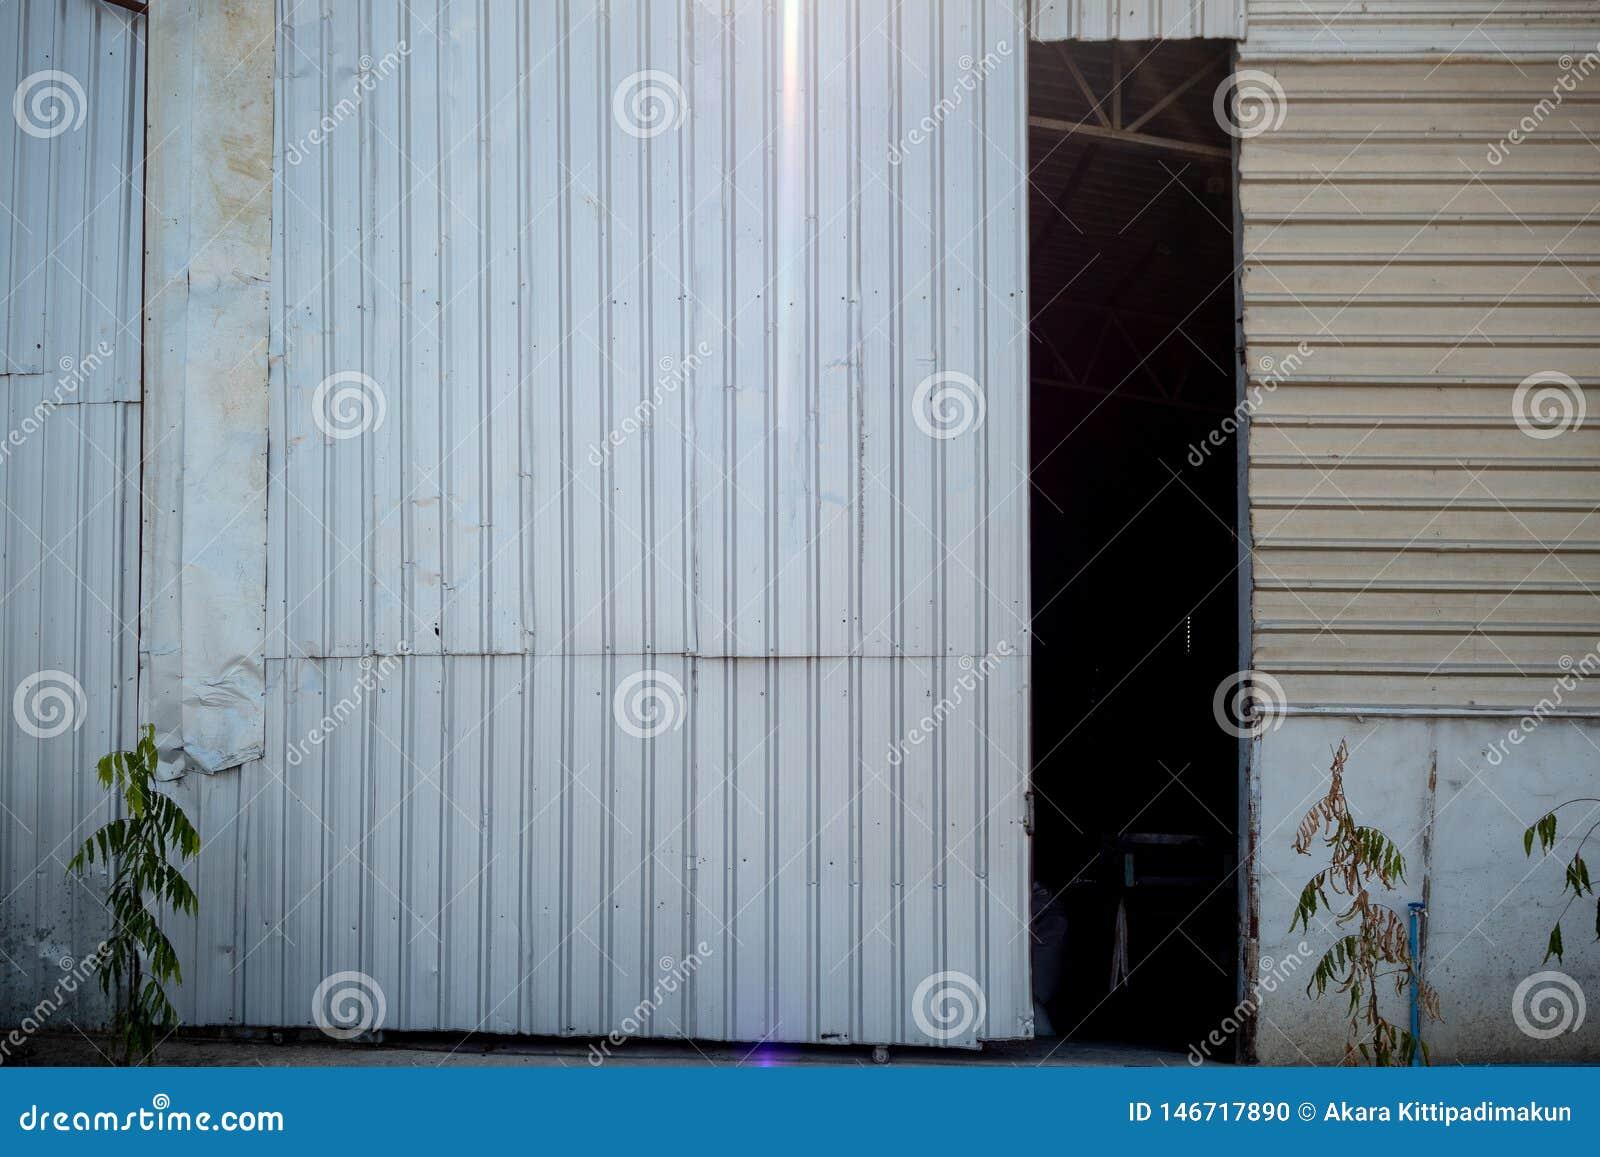 La puerta del almacén que se abre levemente para ver el interior oscuro para el fondo